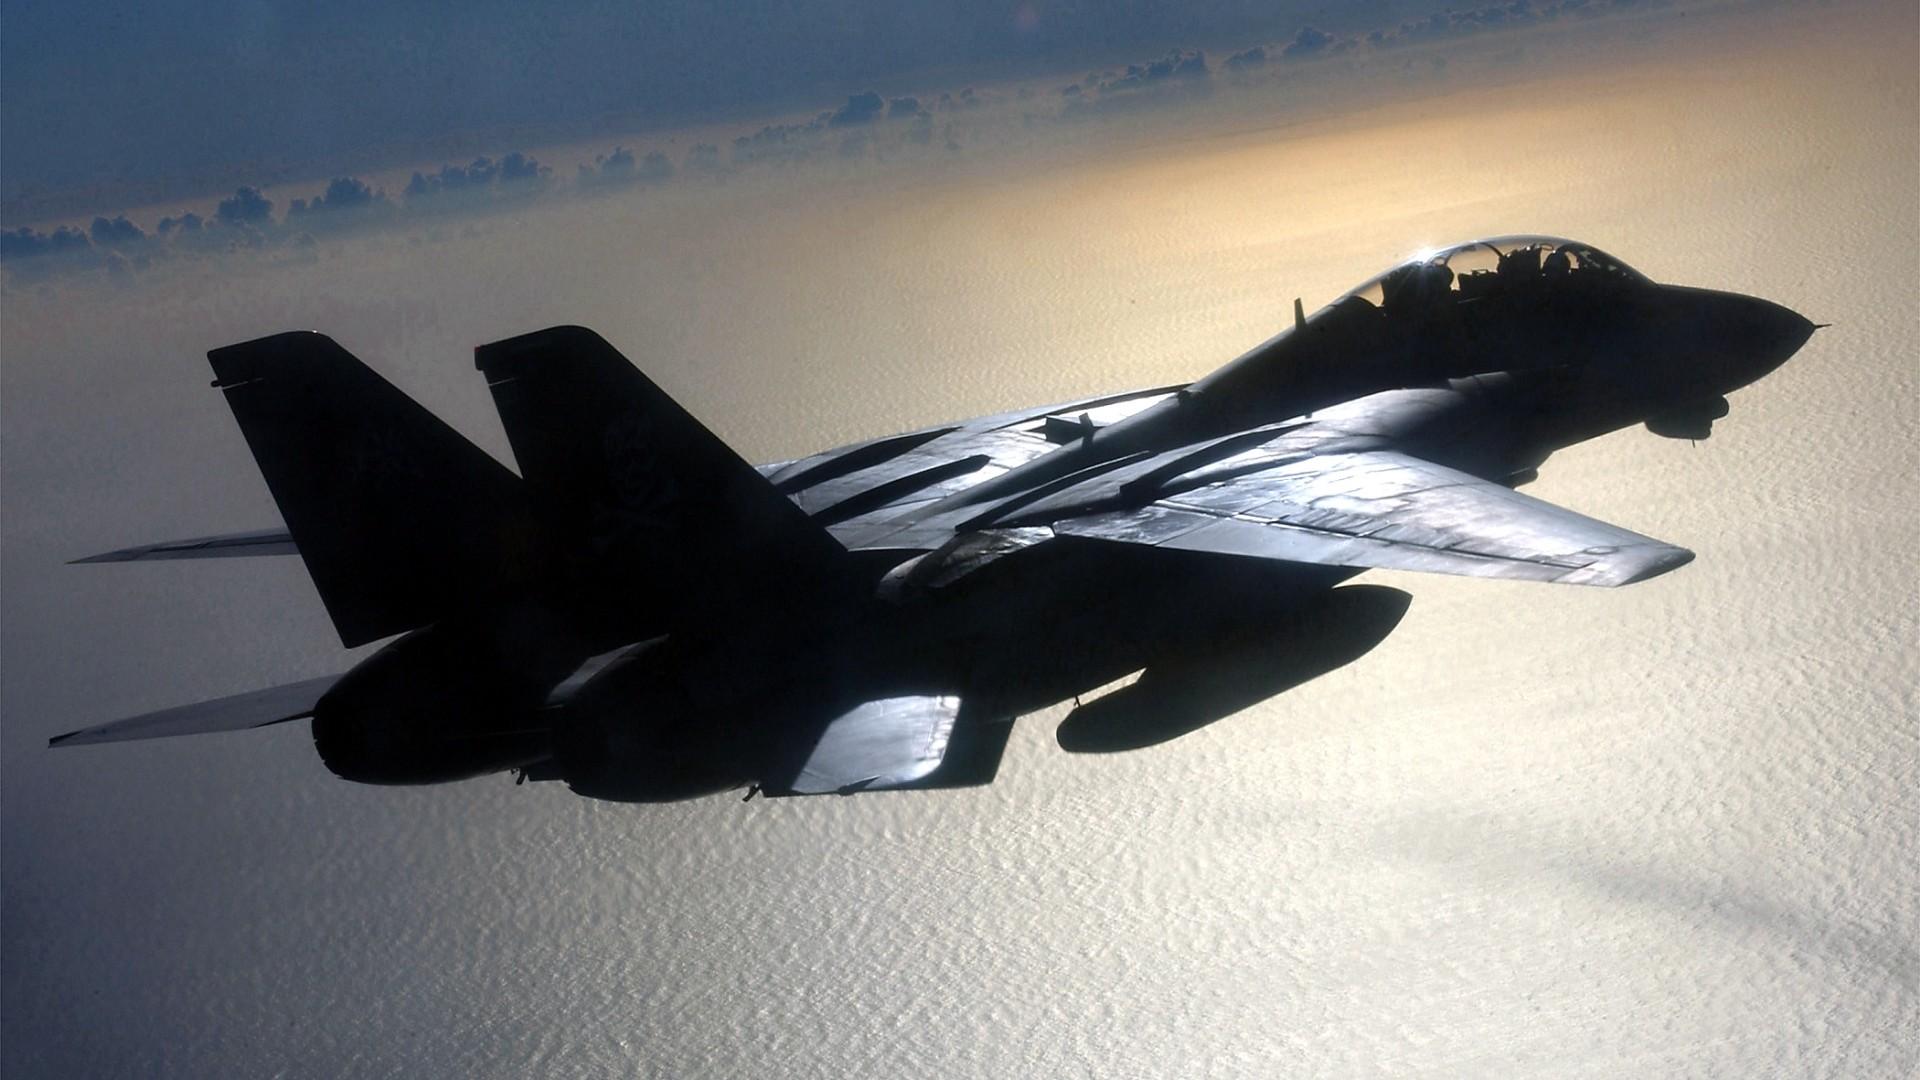 F-14 Tomcat [1920×1080] (xpost from /r/117thOSINT) …